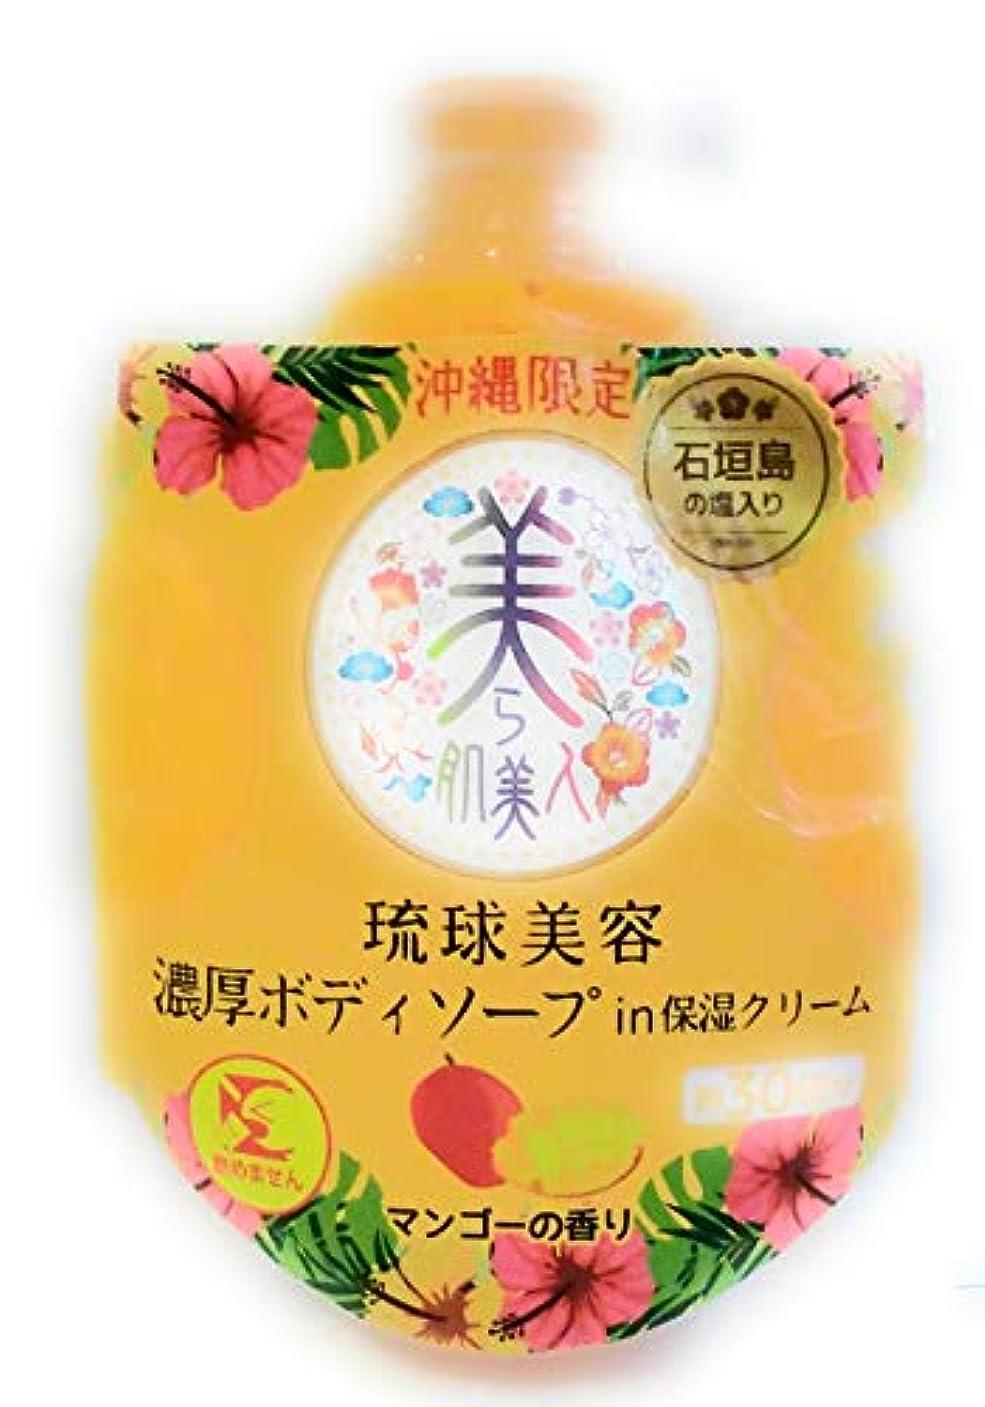 ビデオソフィー有彩色の沖縄限定 美ら肌美人 琉球美容濃厚ボディソープin保湿クリーム マンゴーの香り